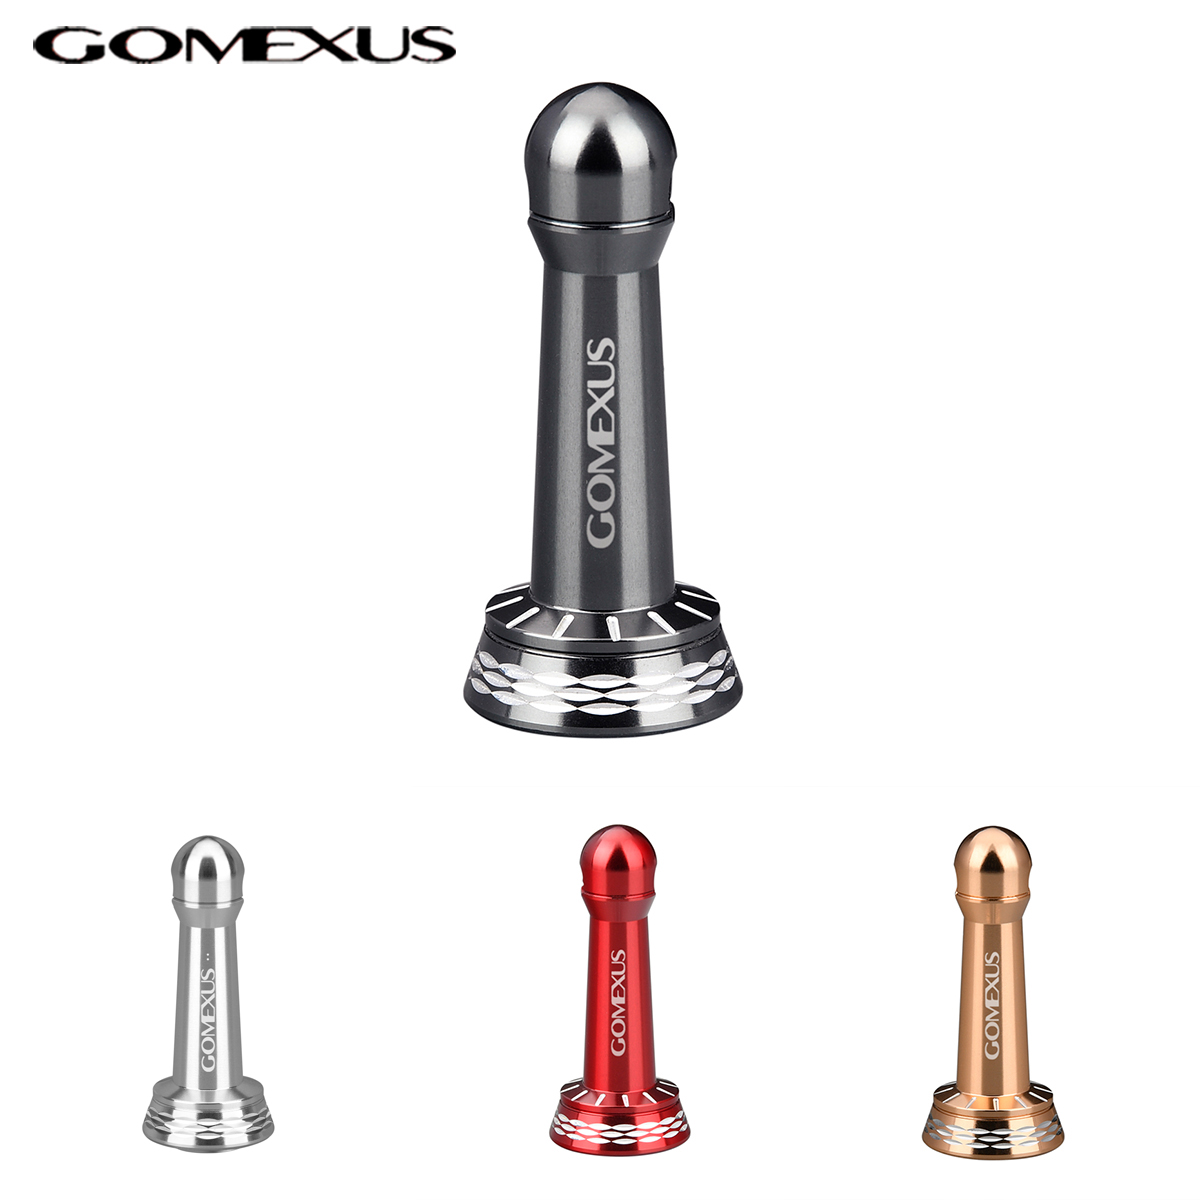 Gomexus Reel Stand For Daiwa Tatula LT Ballistic LT Spinning 1000-3000 42mm